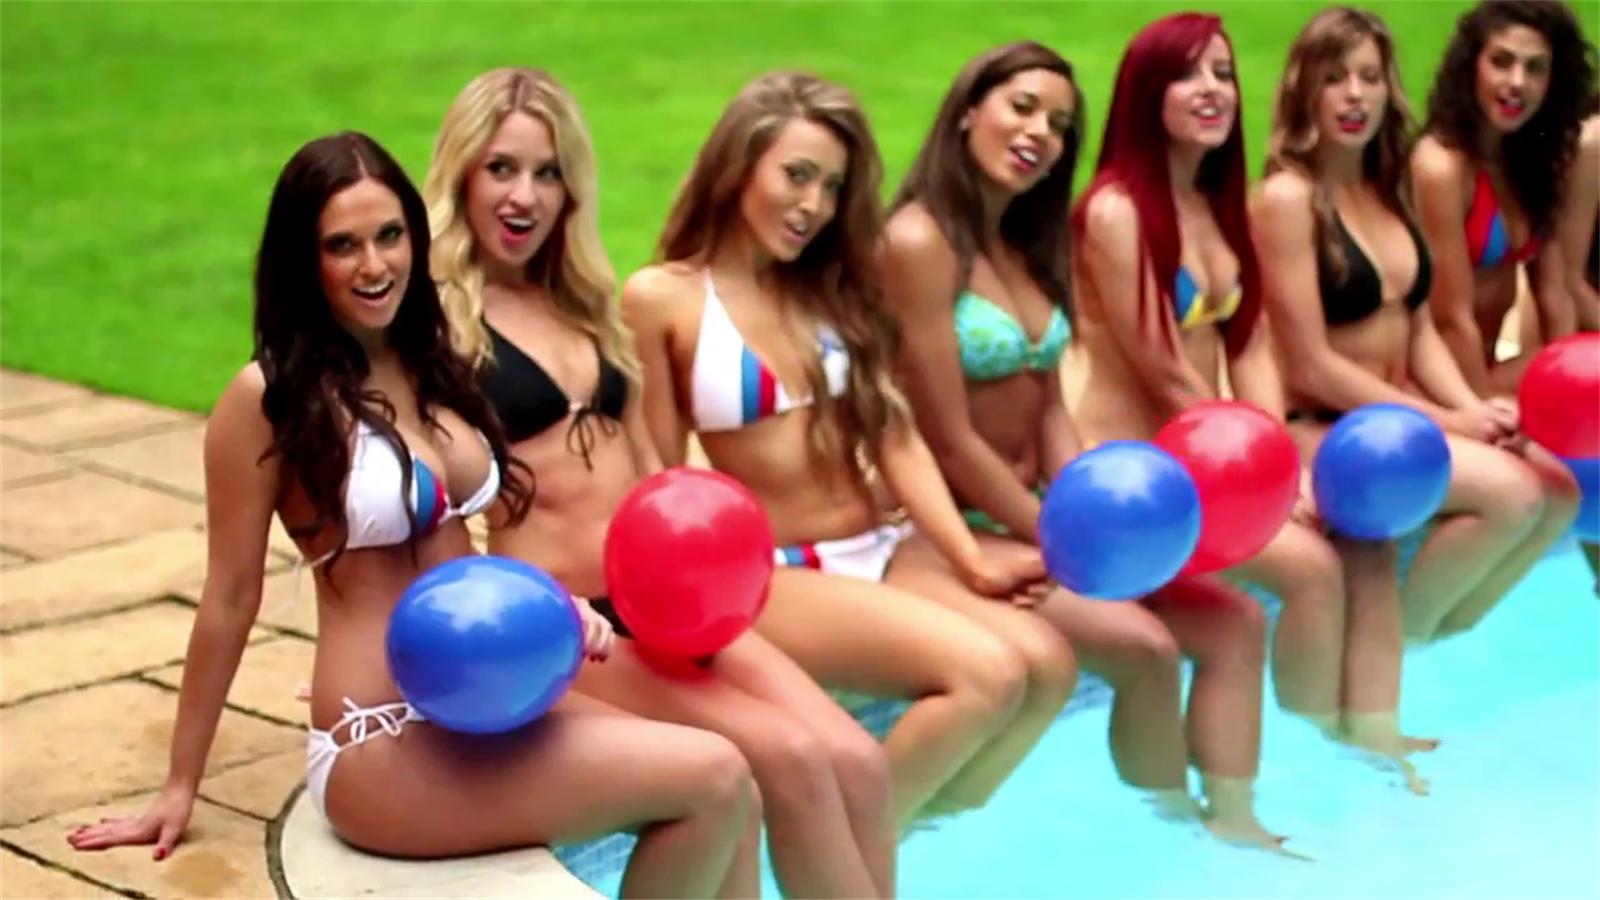 Эротическое фото группы поддержки футбольных команд фото 487-50